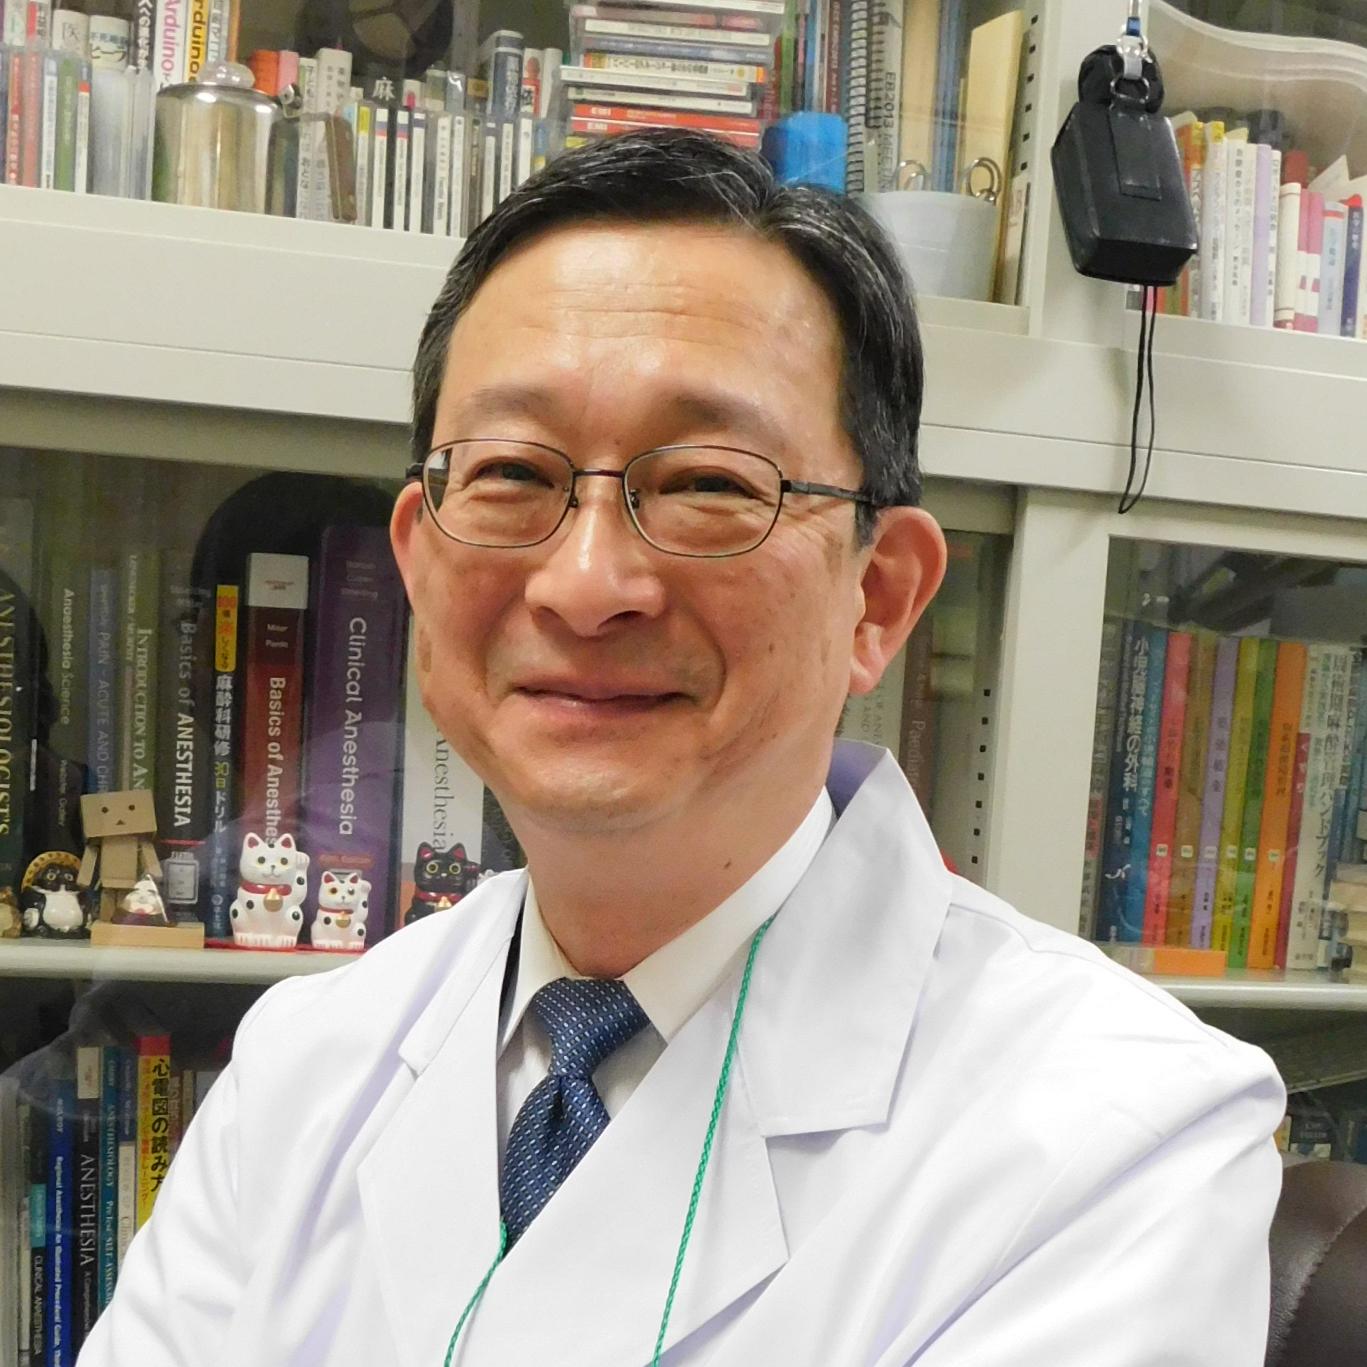 ロボット麻酔システム開発麻酔科医の働き方に貢献